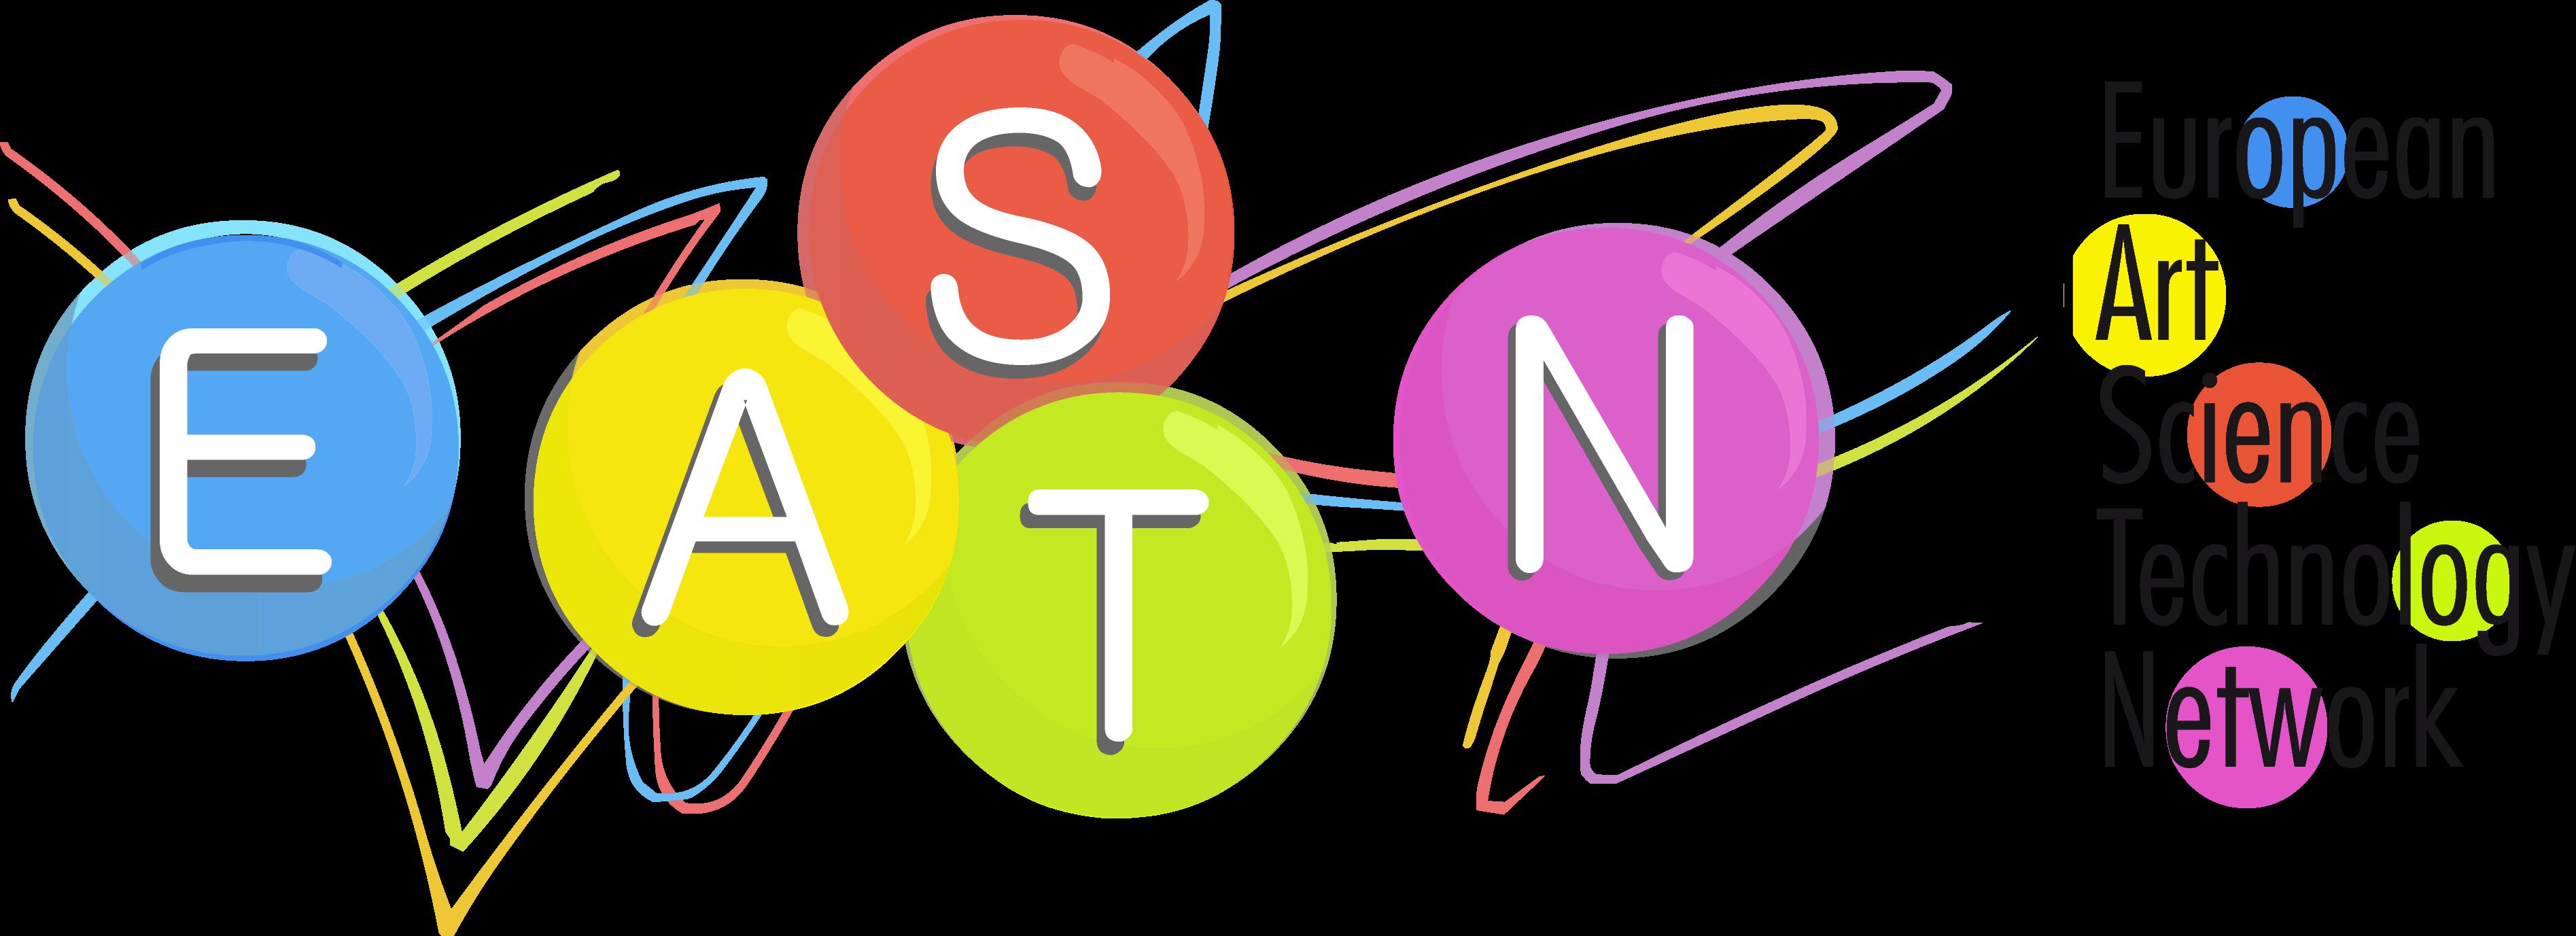 EASNT_Logo01_01_140319B